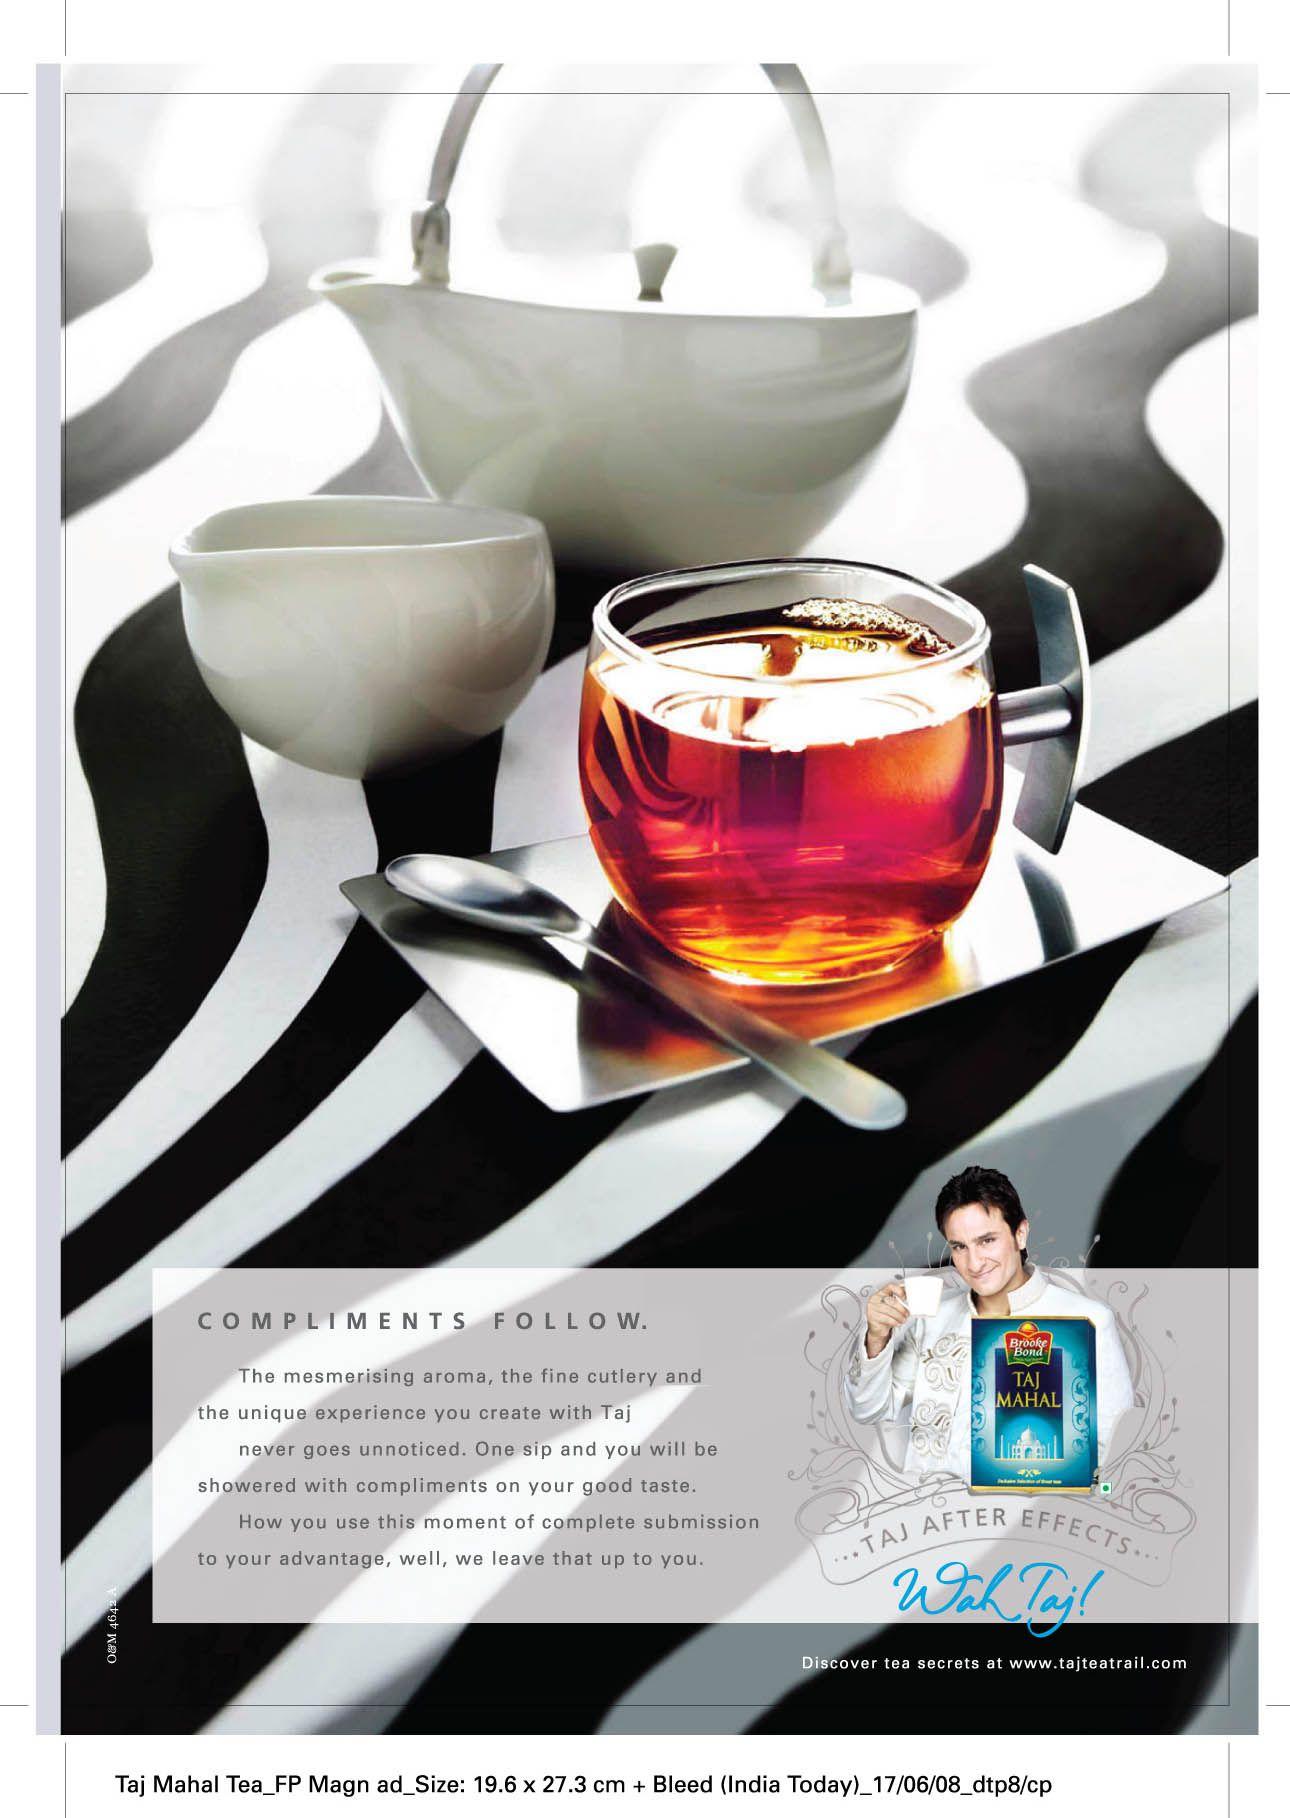 Taj Mahal Tea India Food Recipes And Desserts Alcoholic